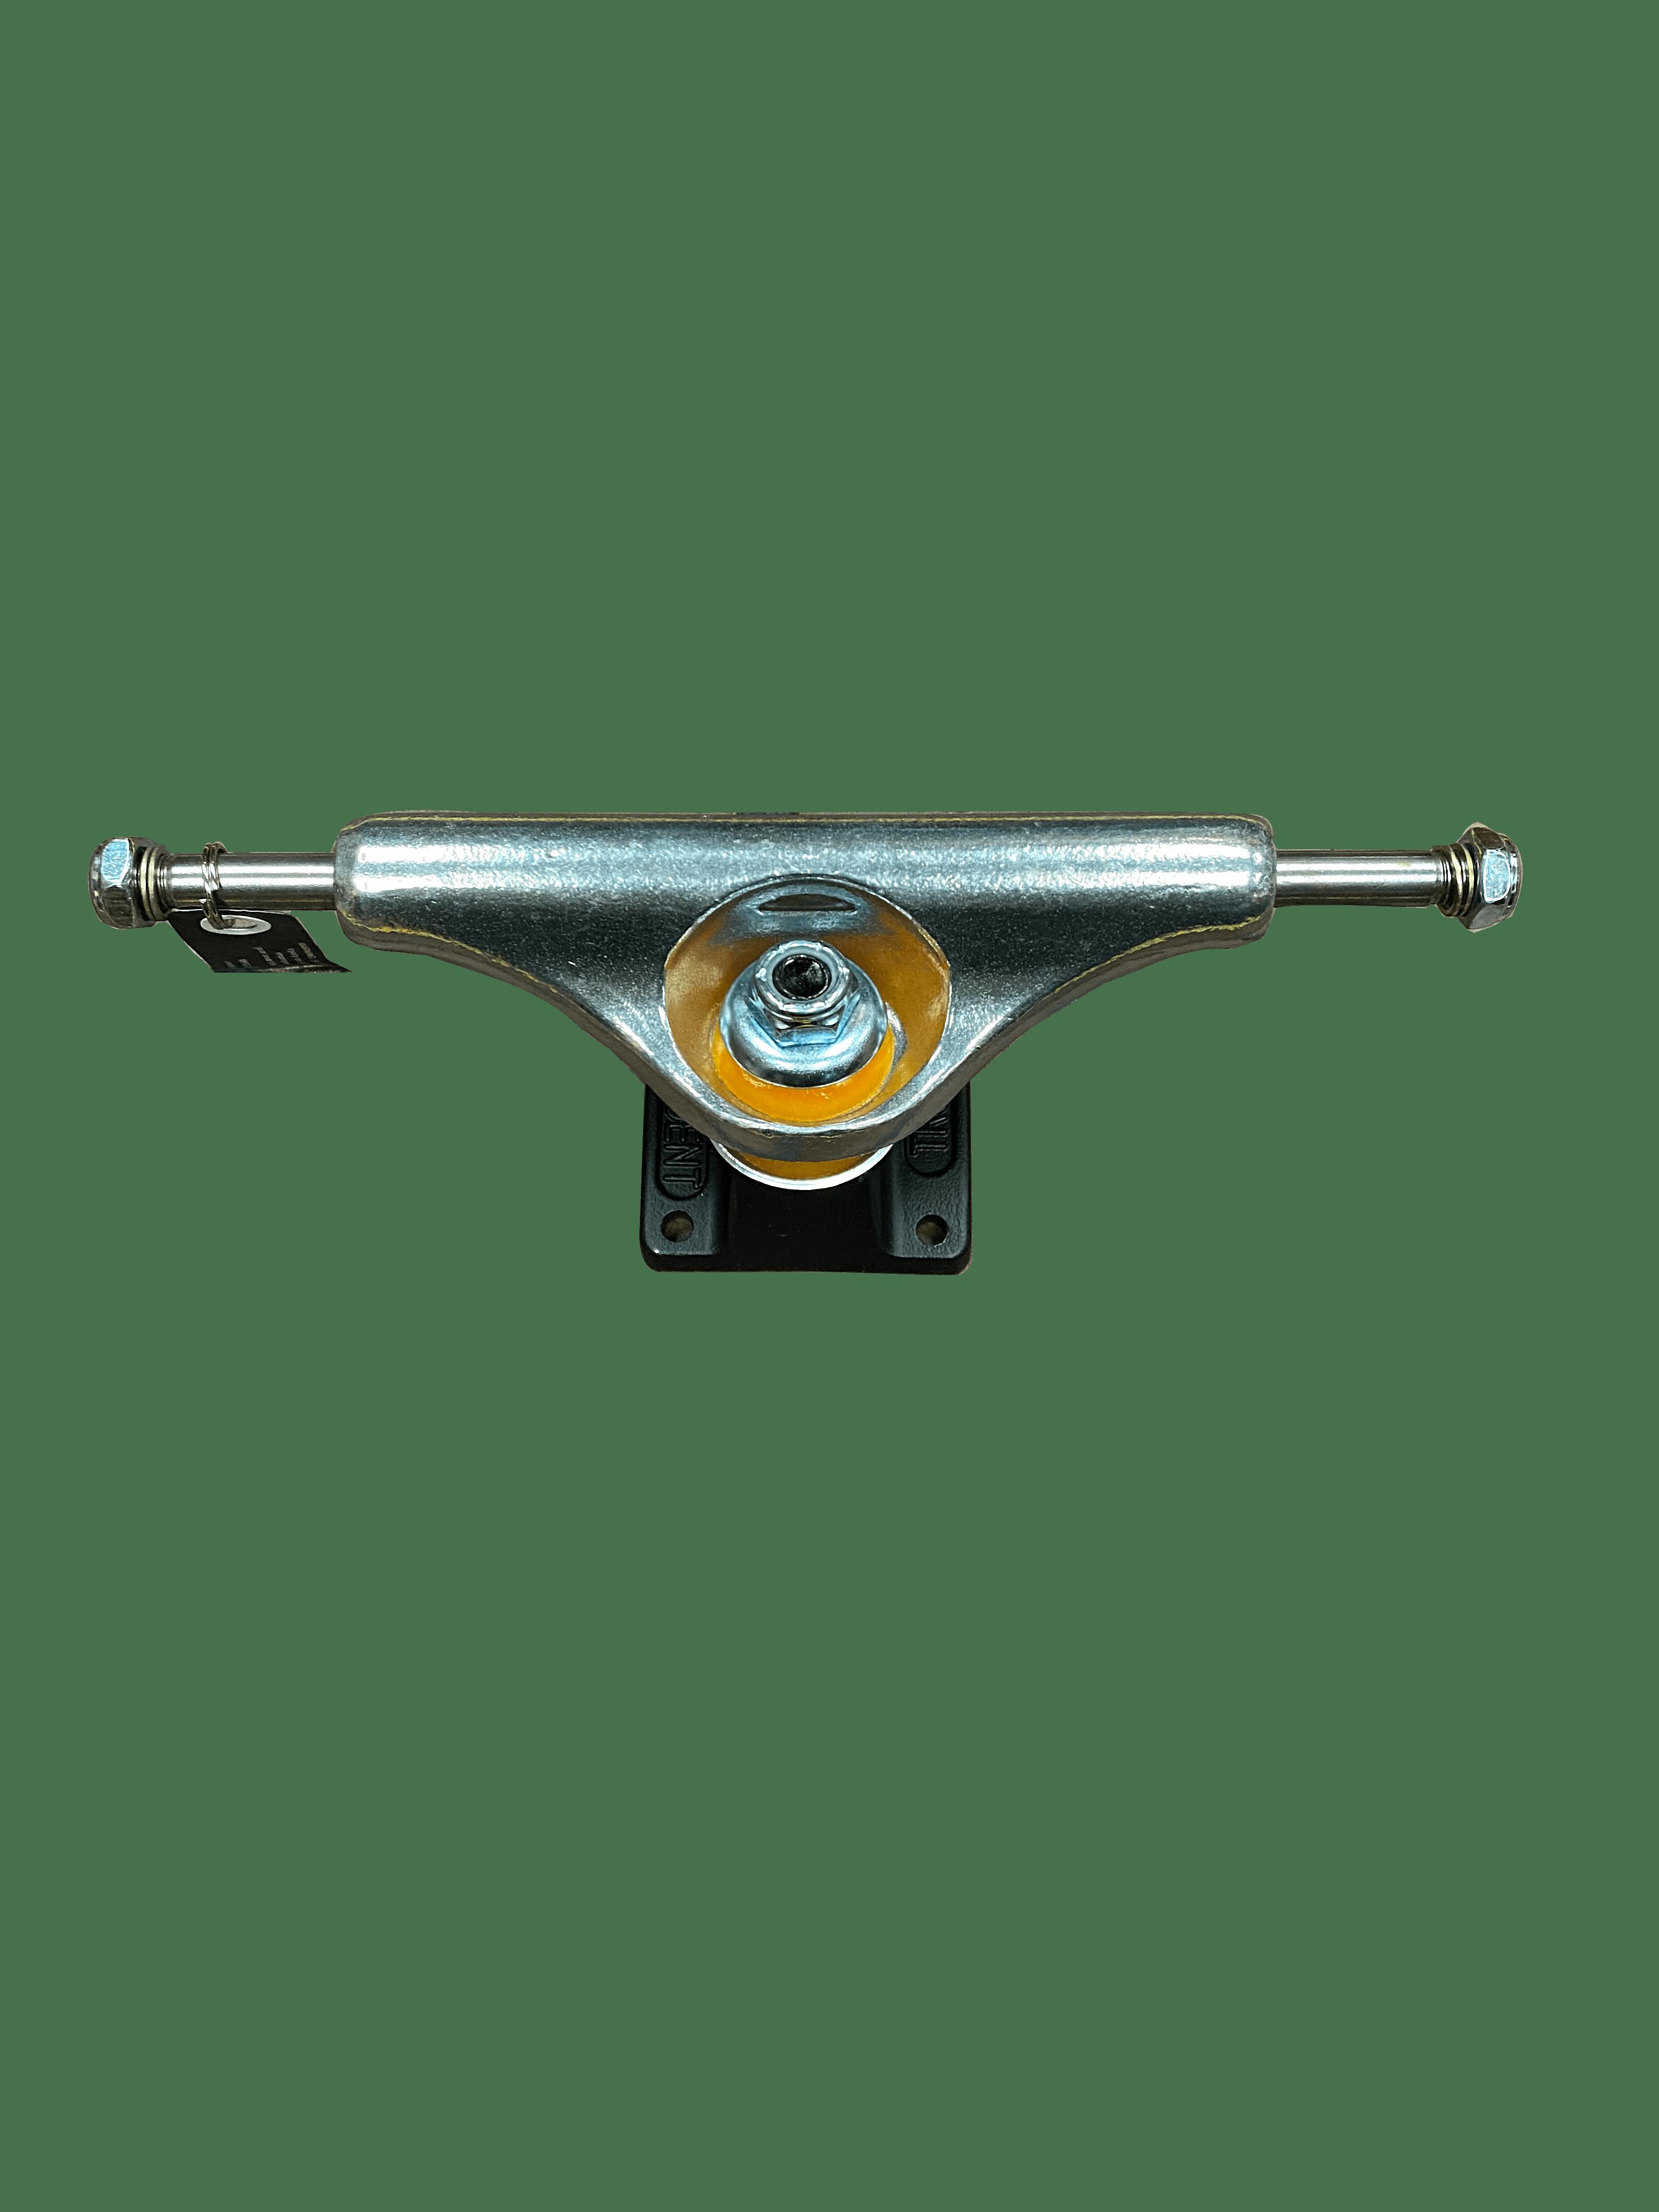 Indie-STD-Polished,-20292,-129,-$24